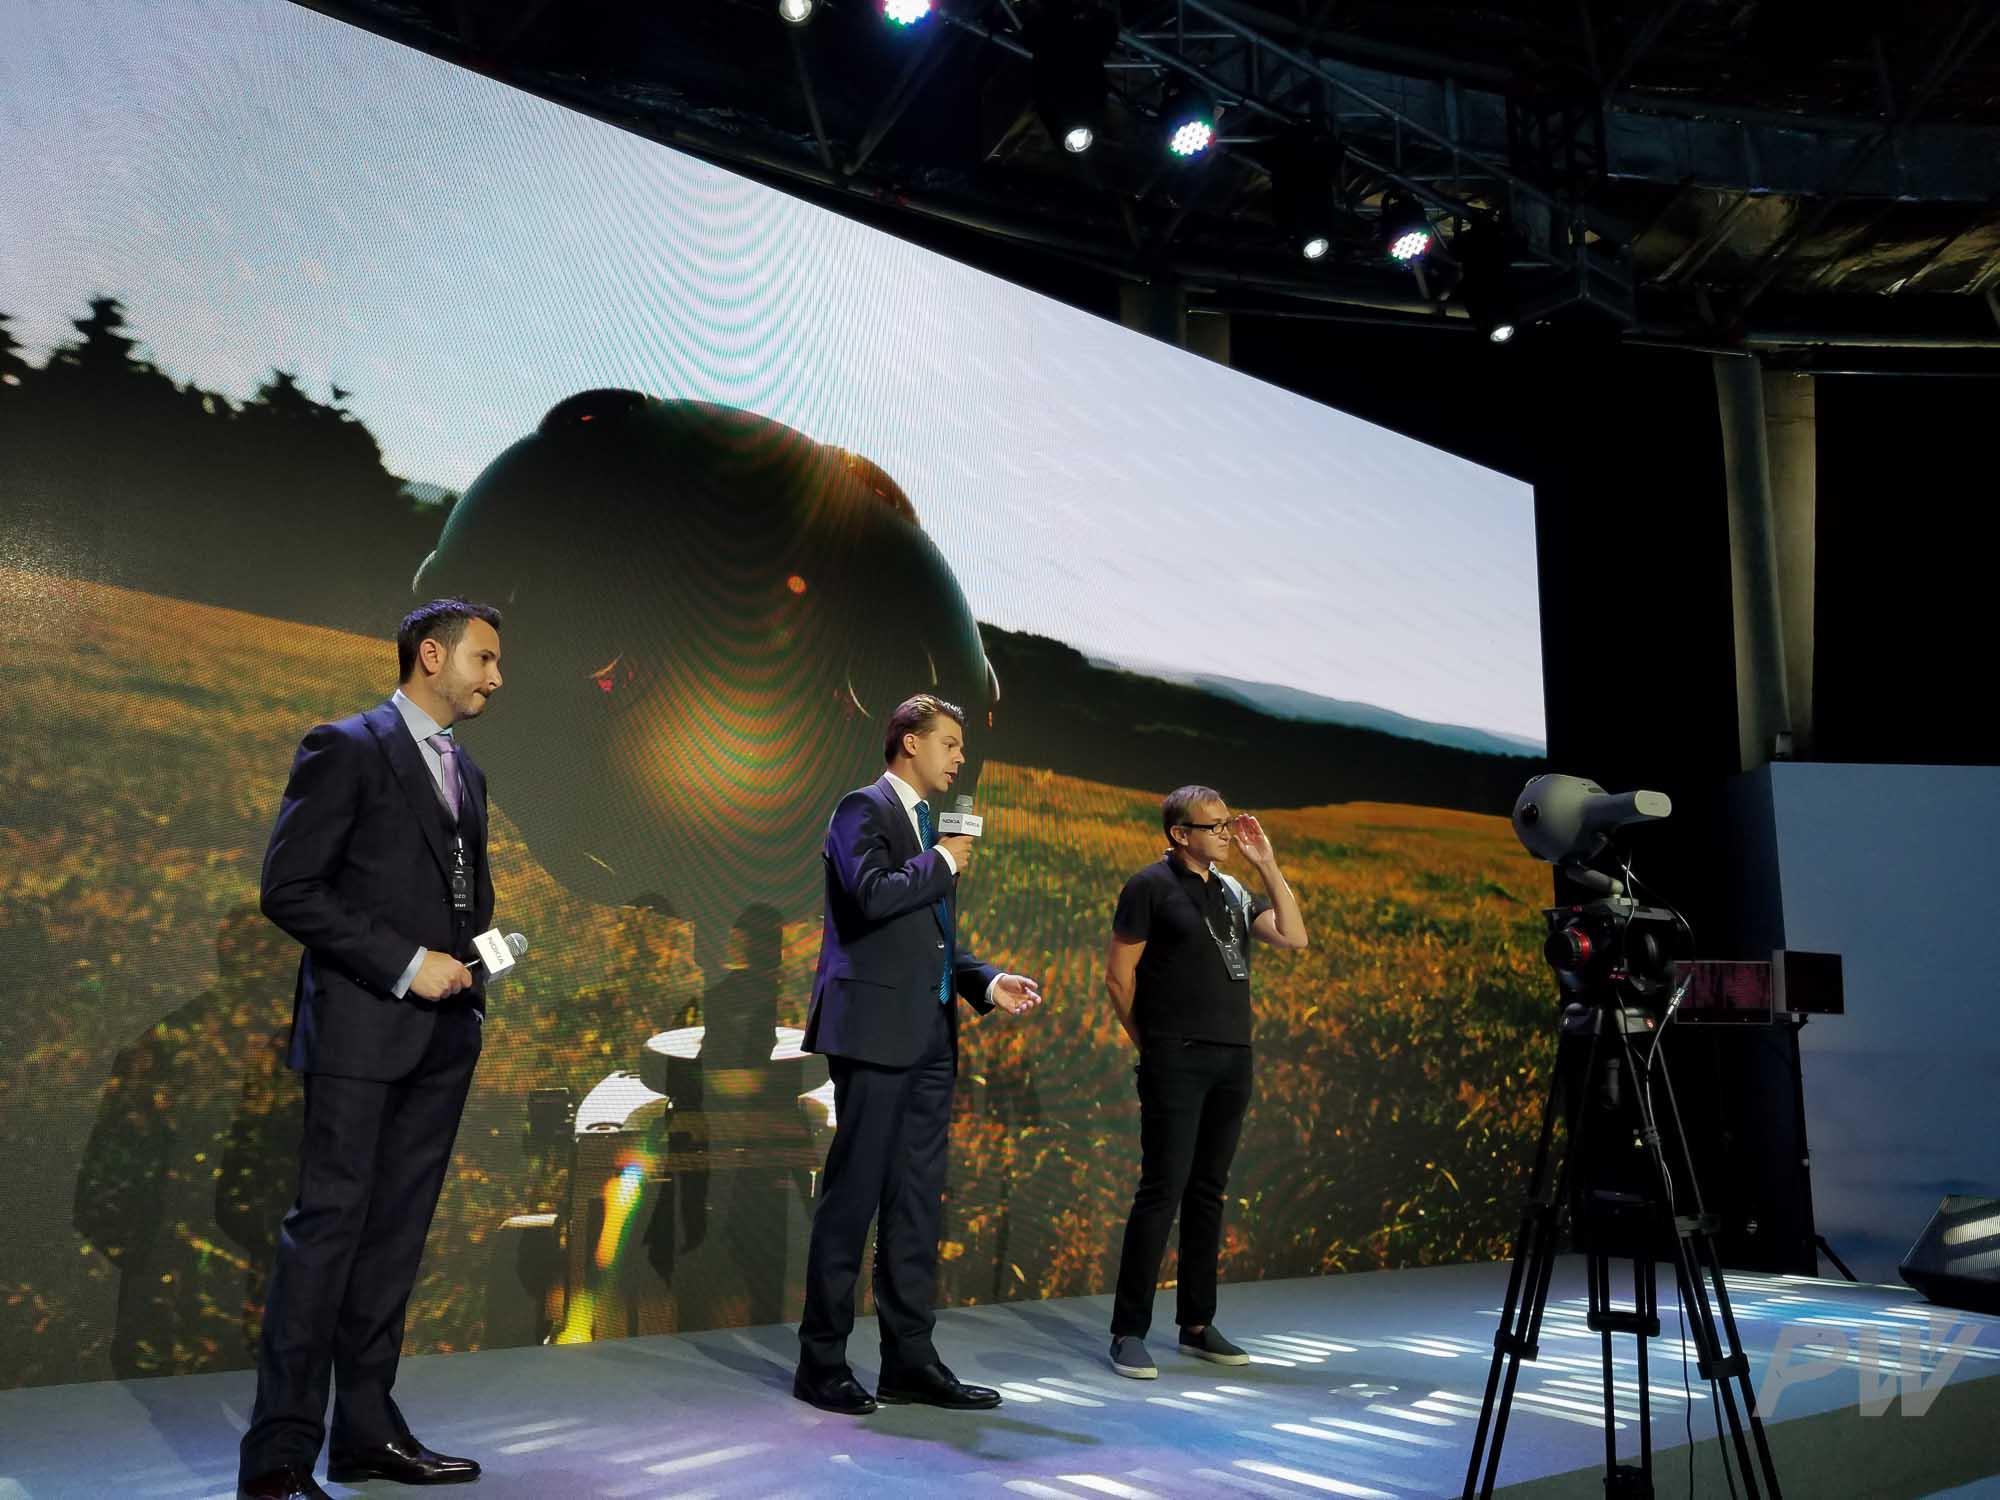 用于现场直播的 OZO 相机位于舞台正中央。当有表演者在台上跳舞时,这机位有点囧。